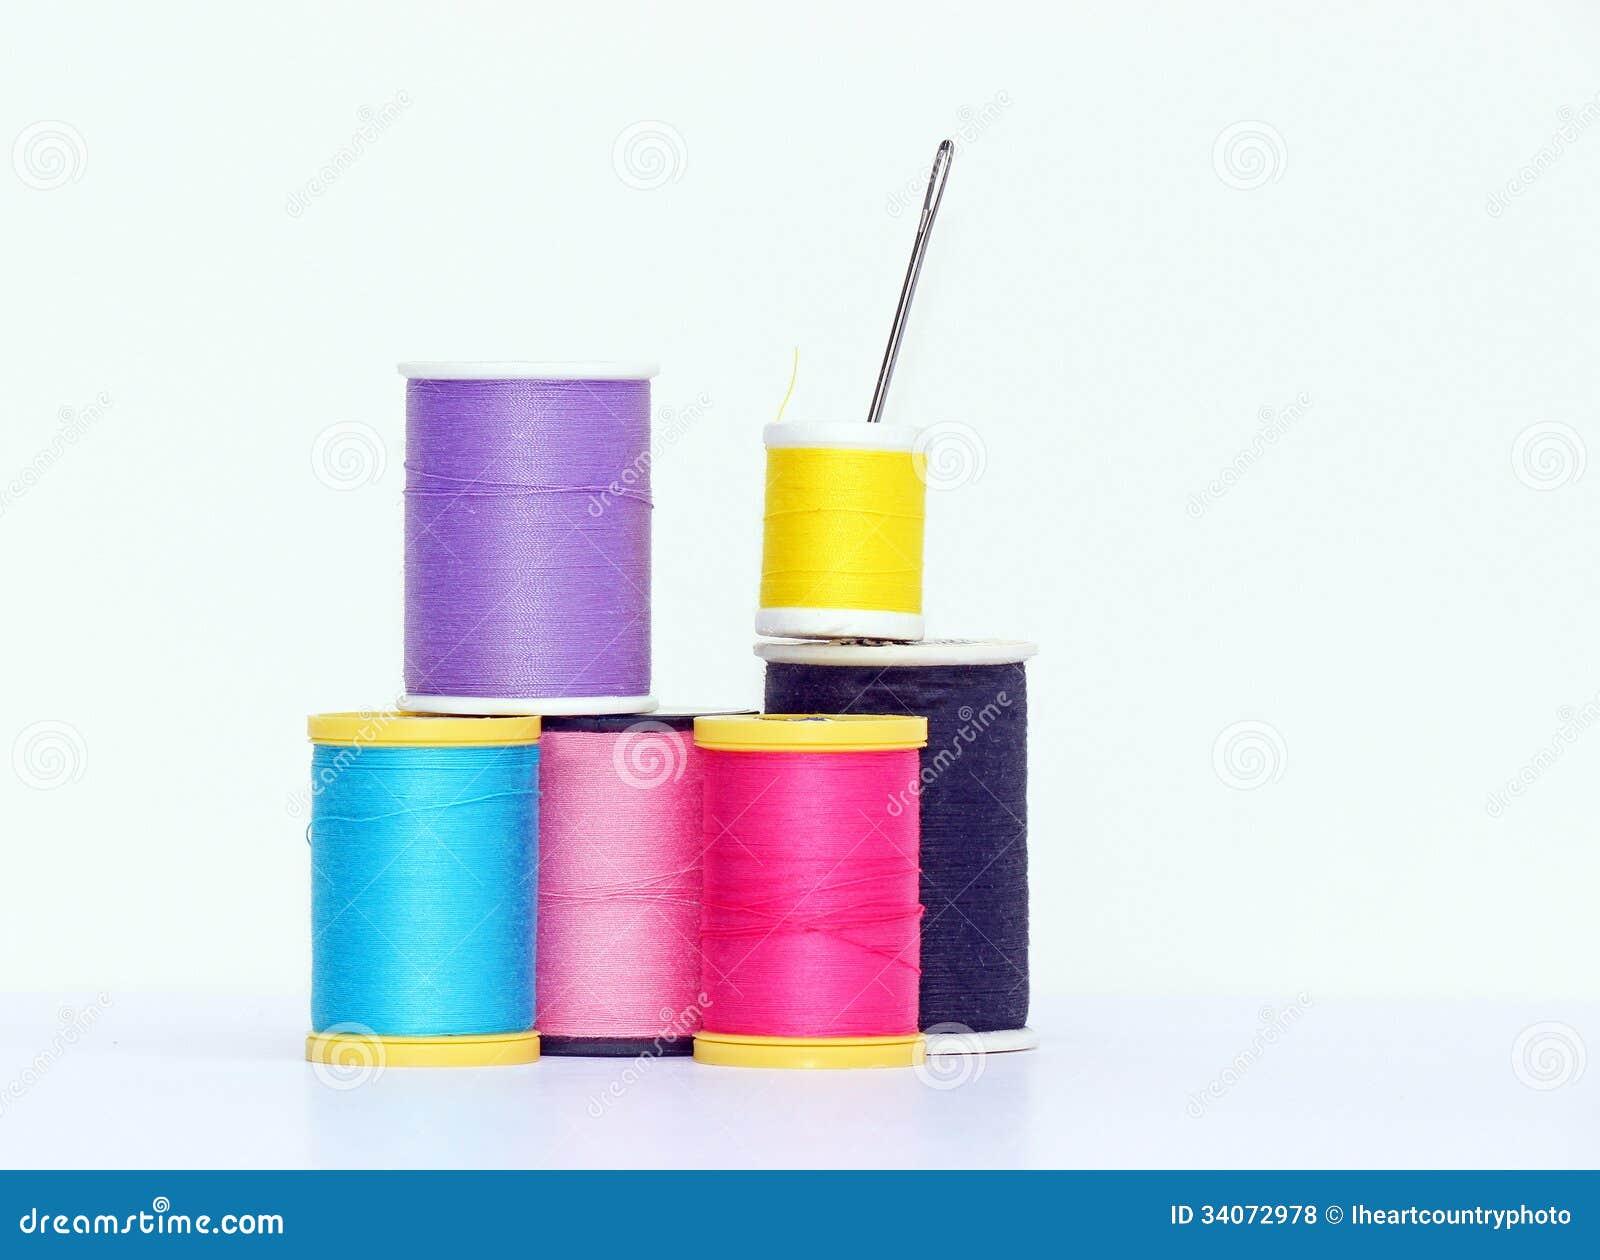 Aiguille et bobines de fil